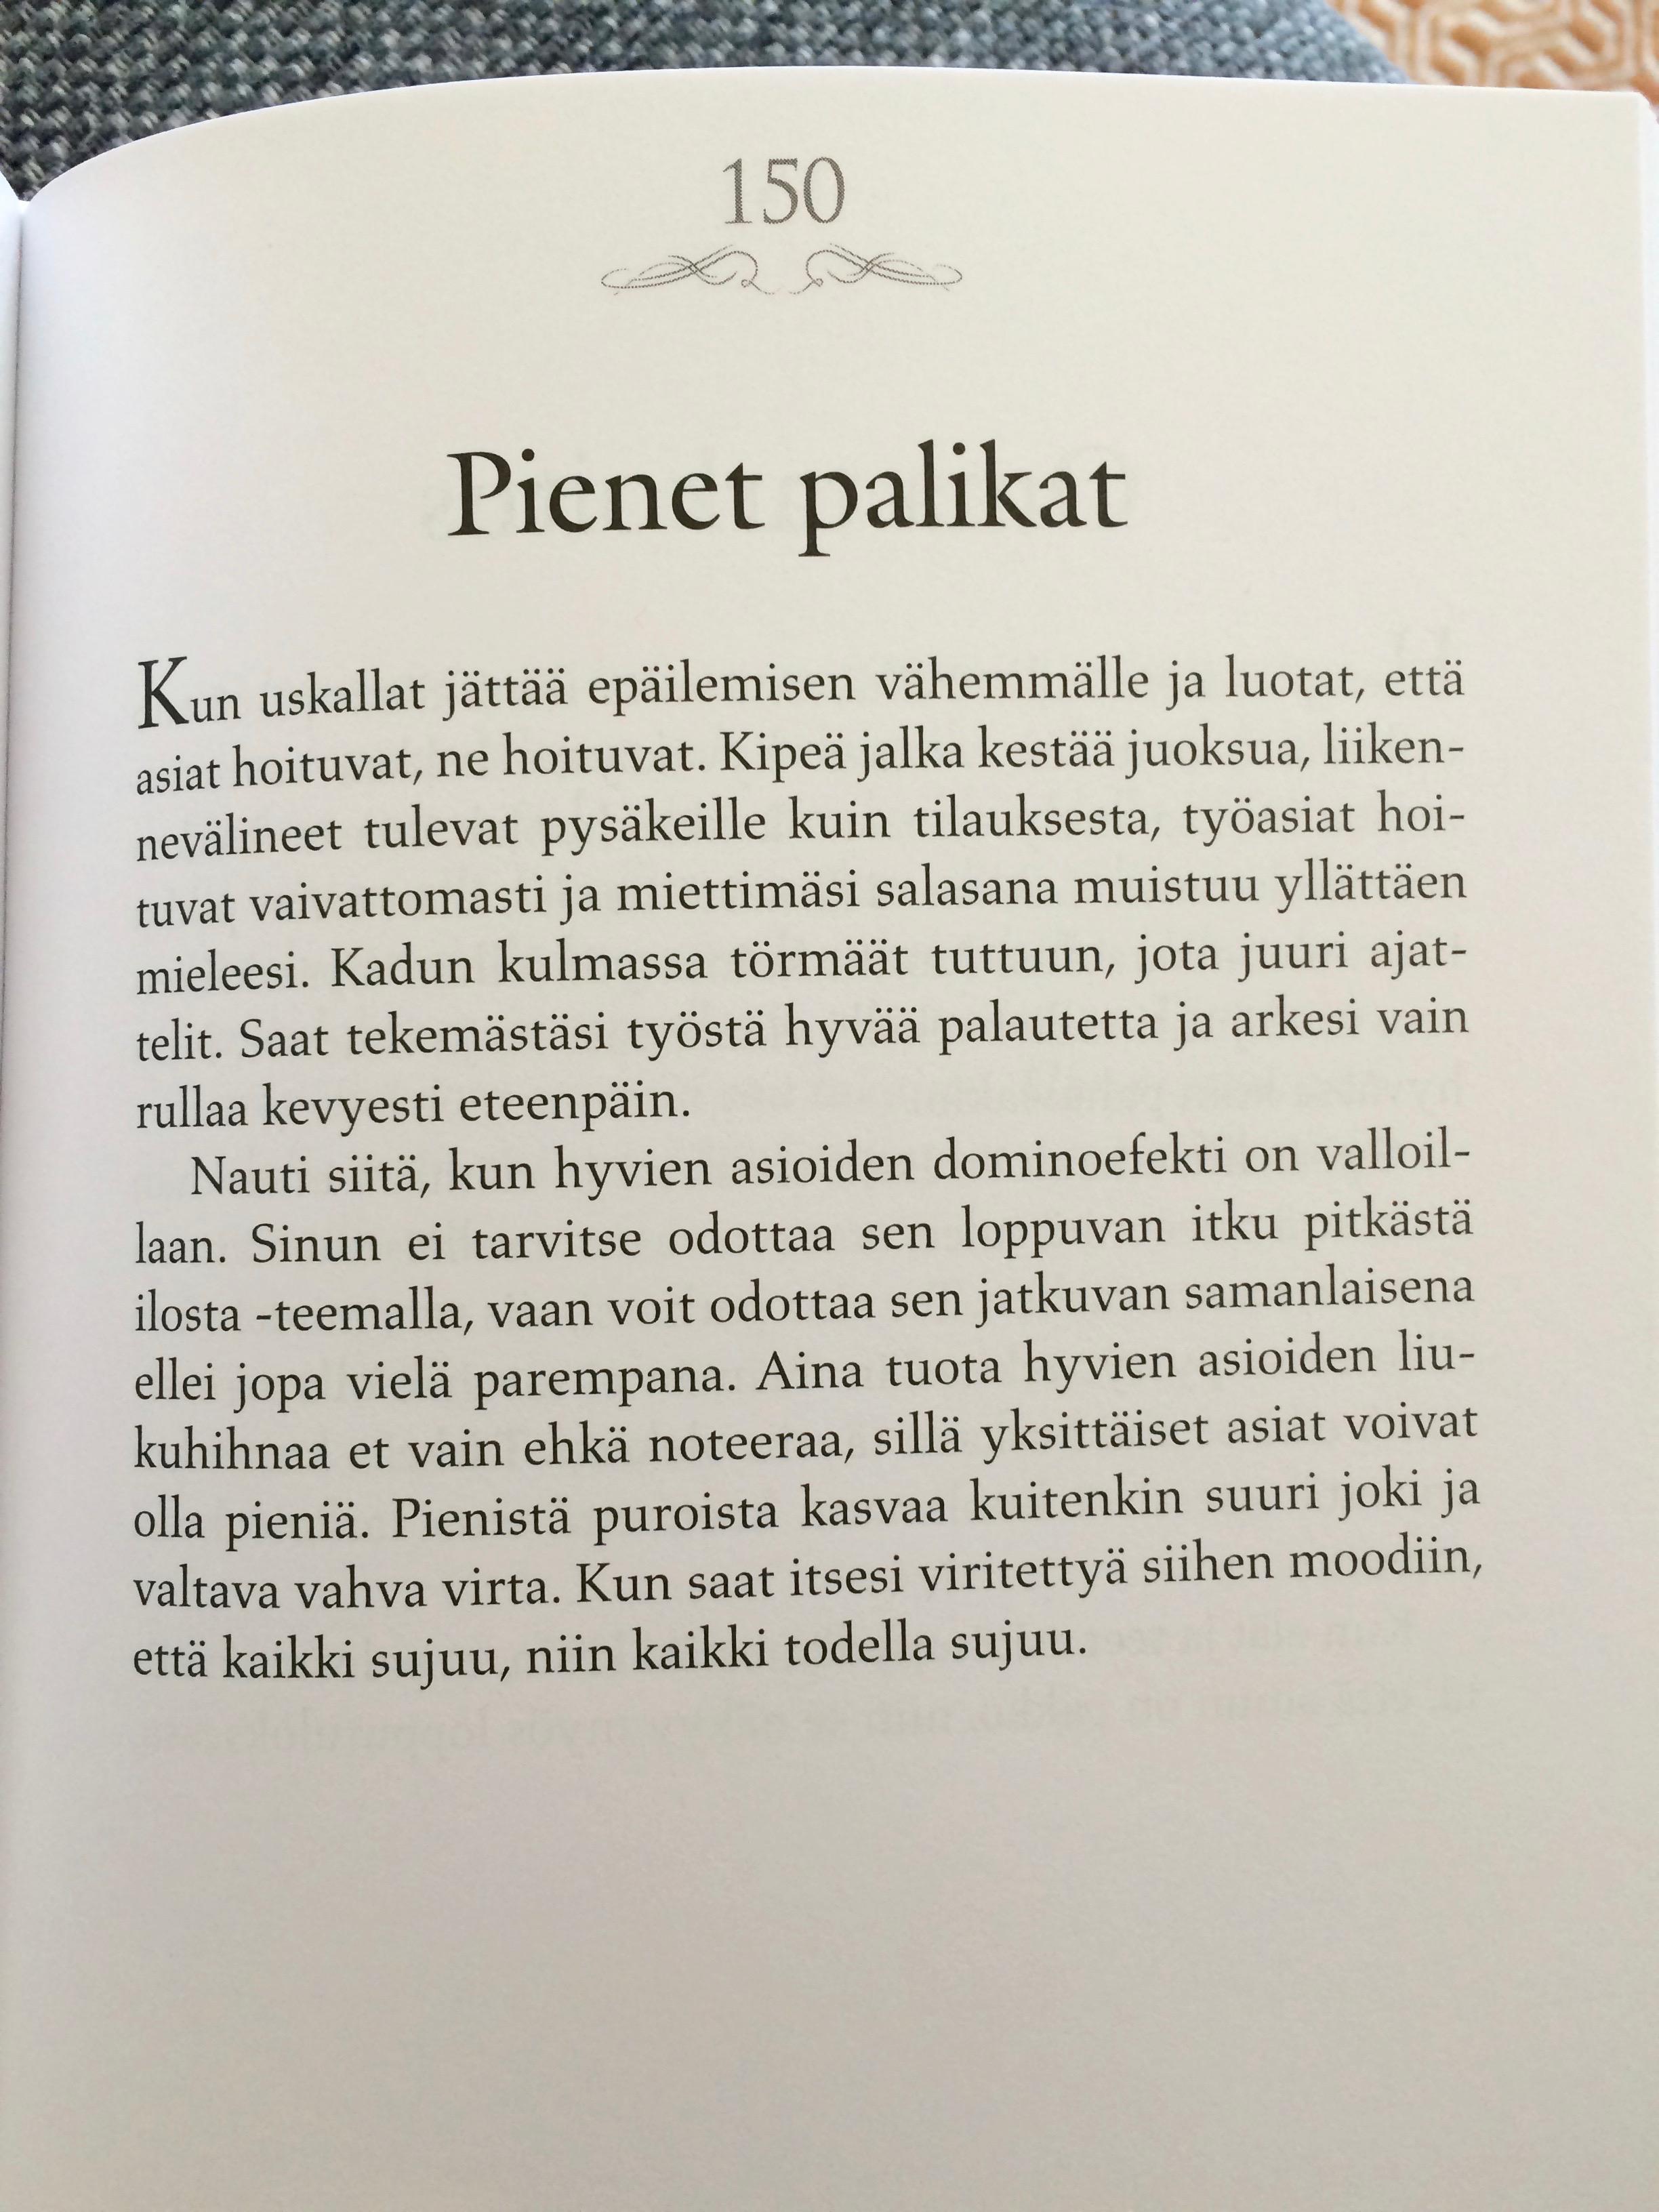 Kas, pitäisi useammin lukea omia kirjoituksiani! Tämä osuva tähän hetkeen. (Sisäinen voima - 365 ajatusta parempaan arkeen (Readme.fi).